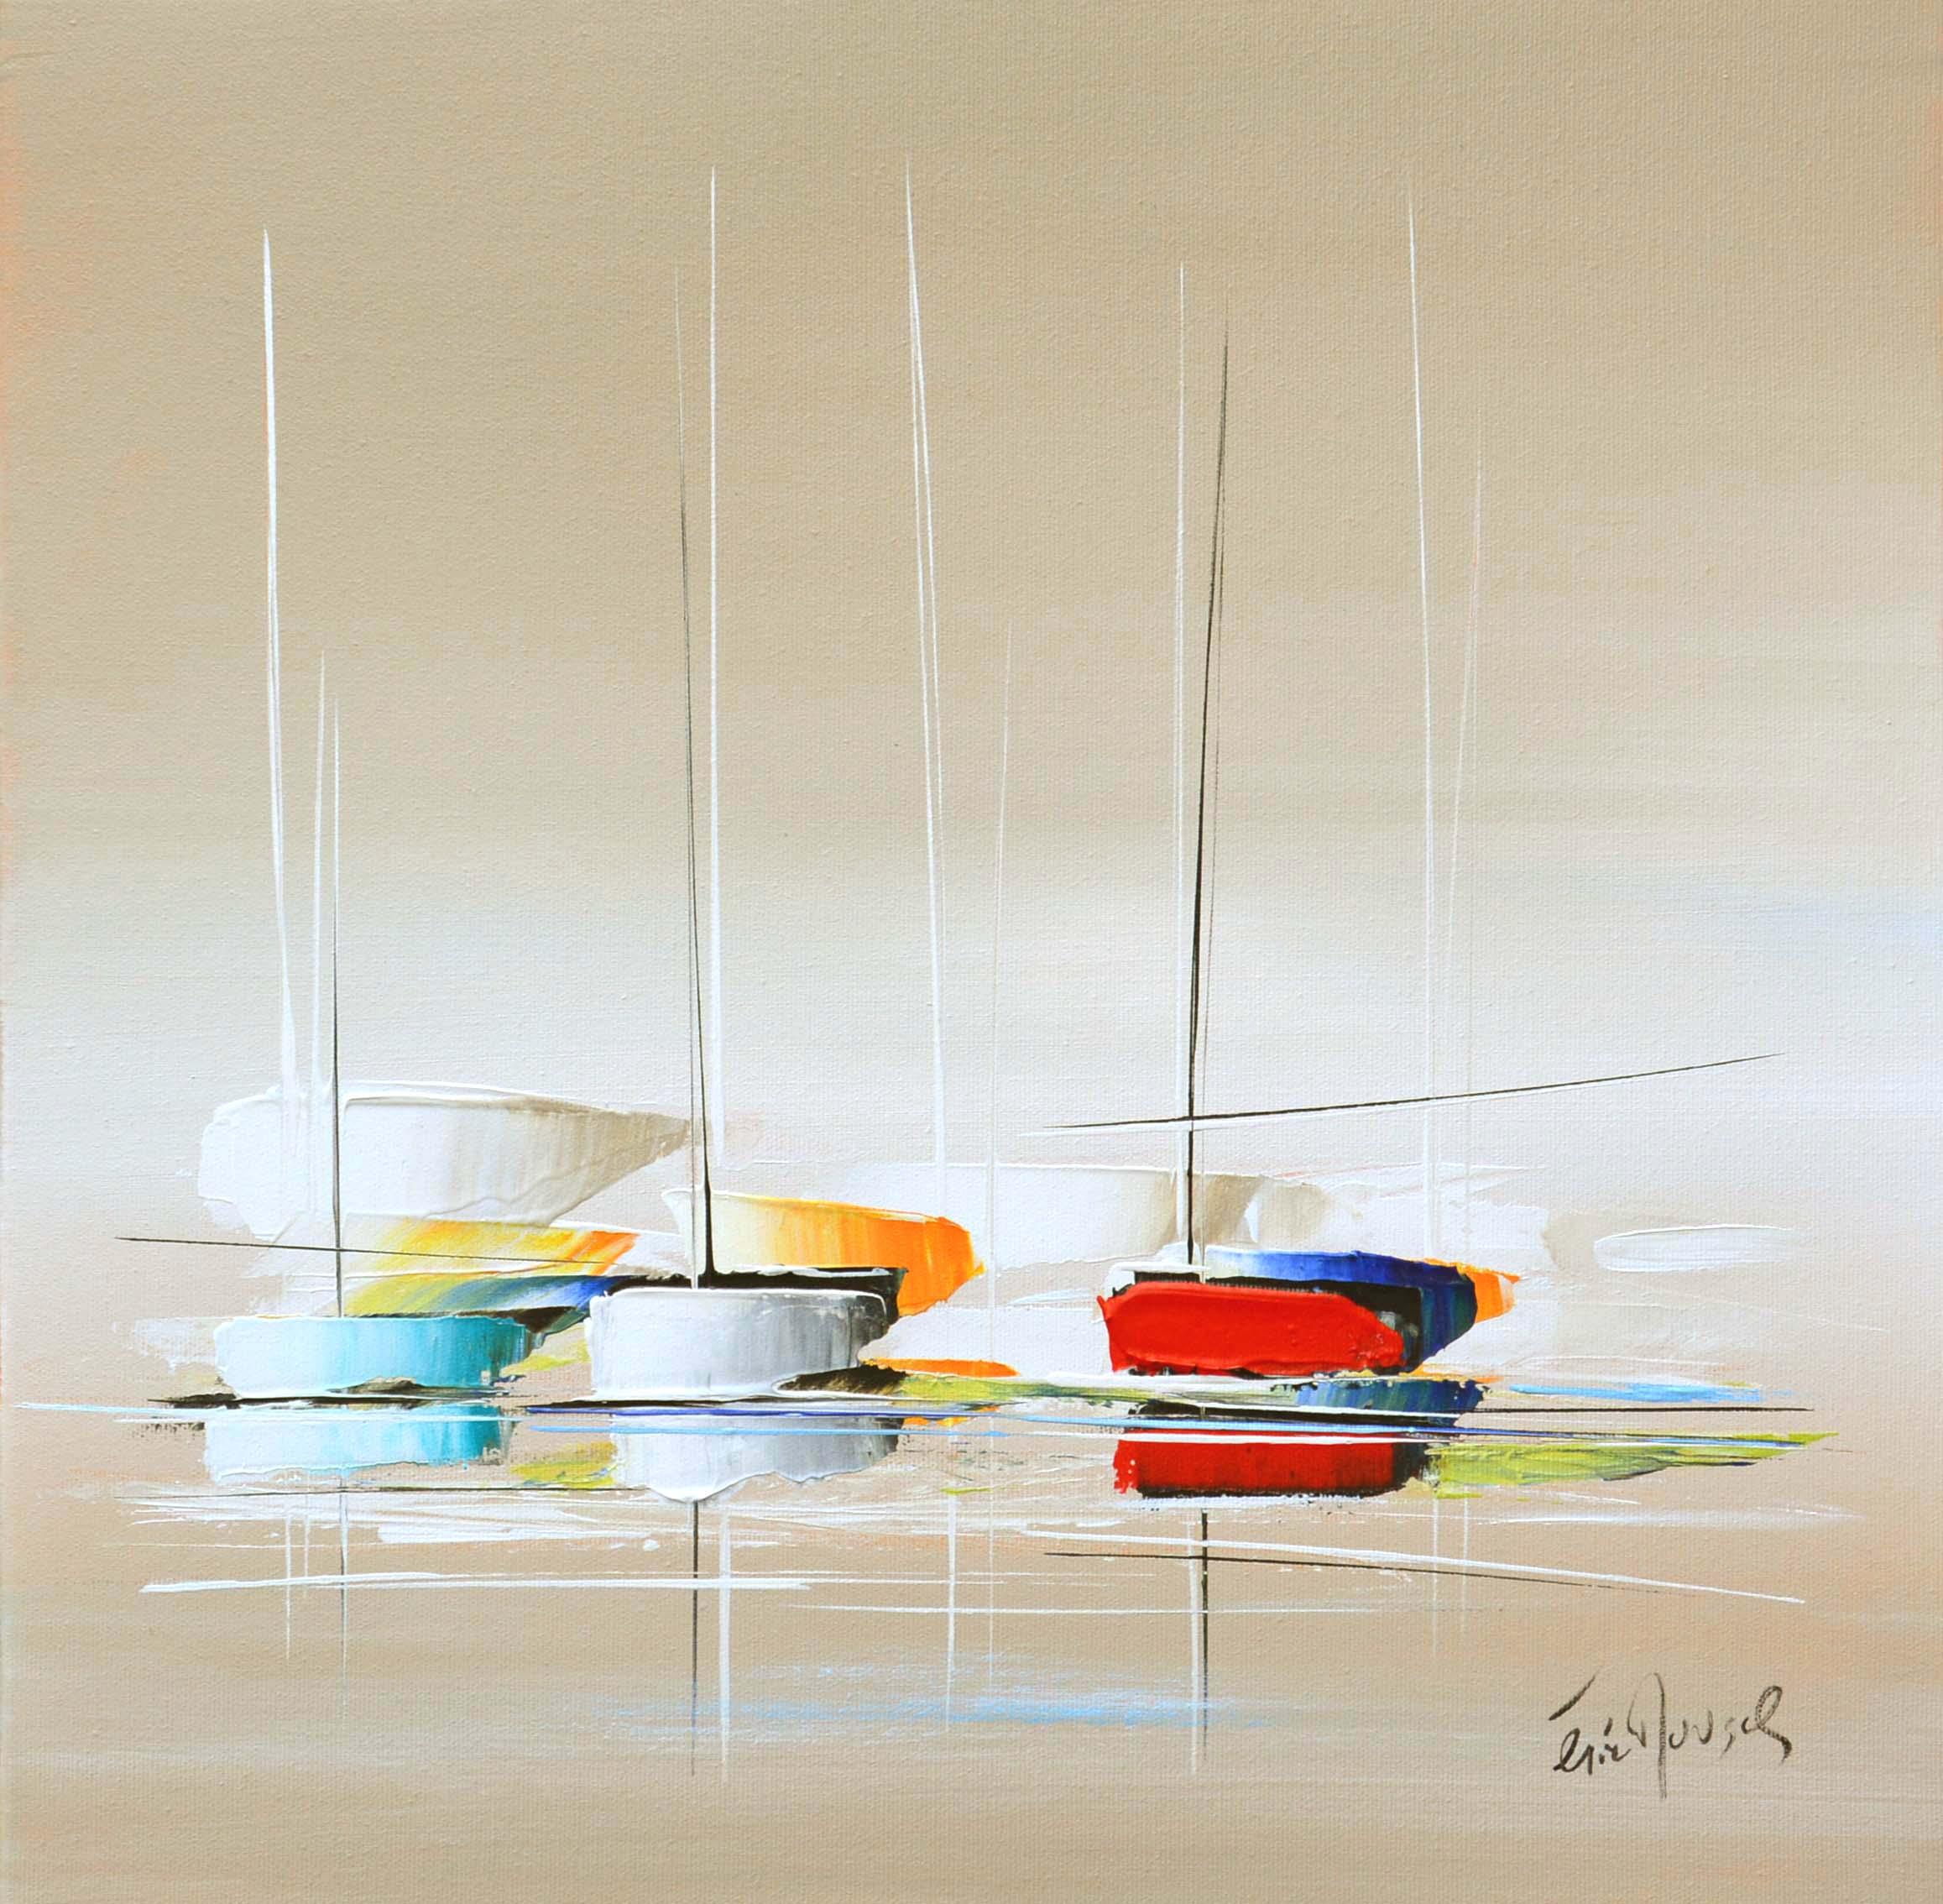 Paisible sur océan - Acrylique sur toile - 50x50 cm